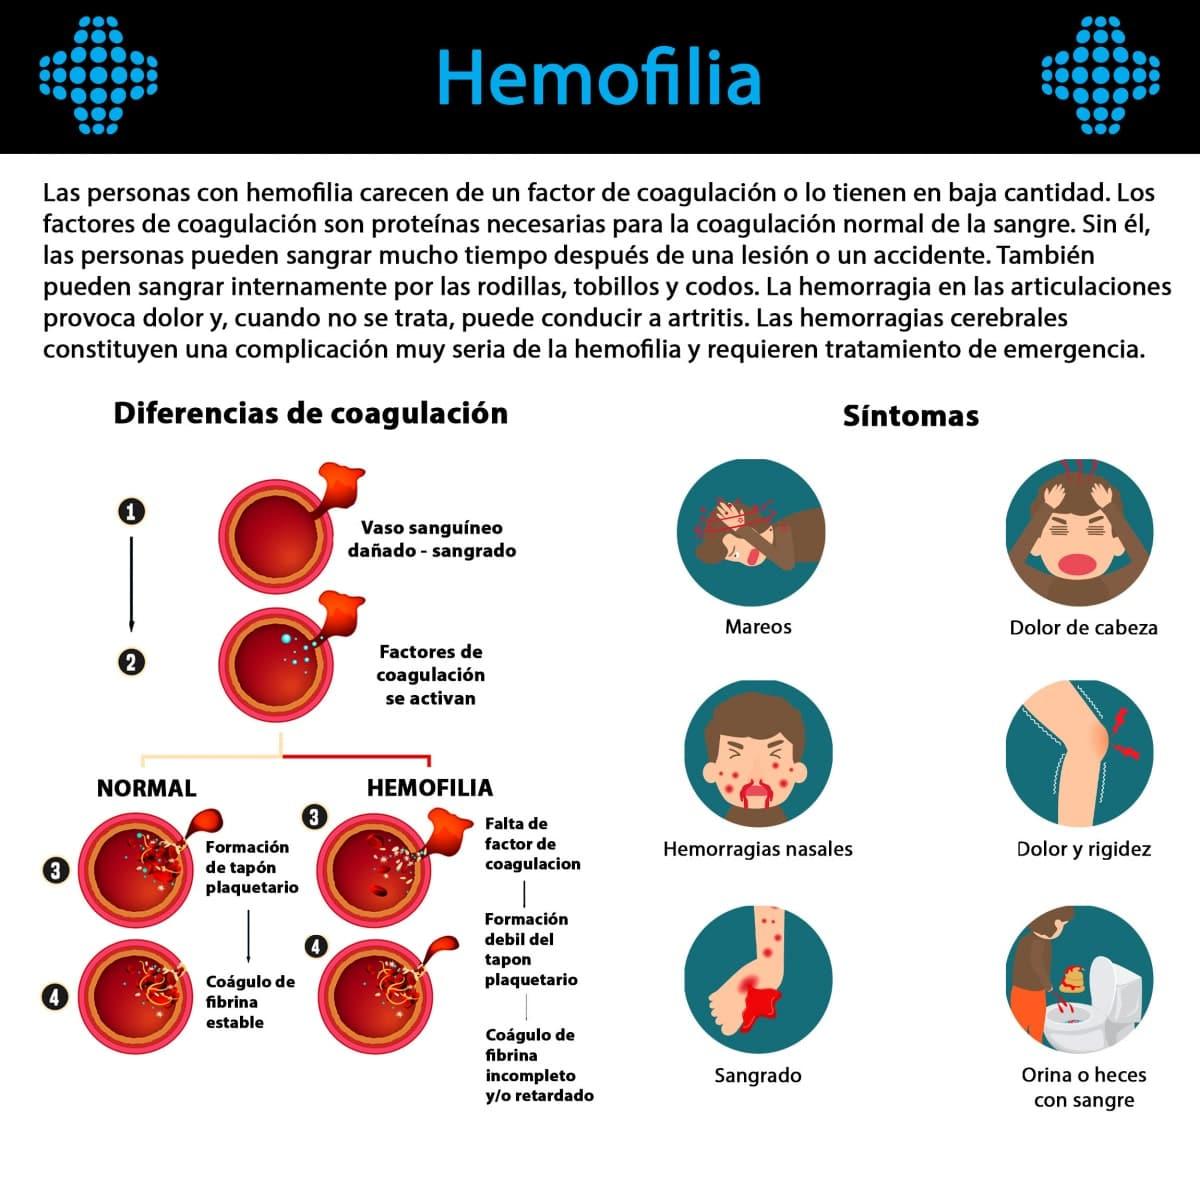 La Hemofilia, causas y diferencias